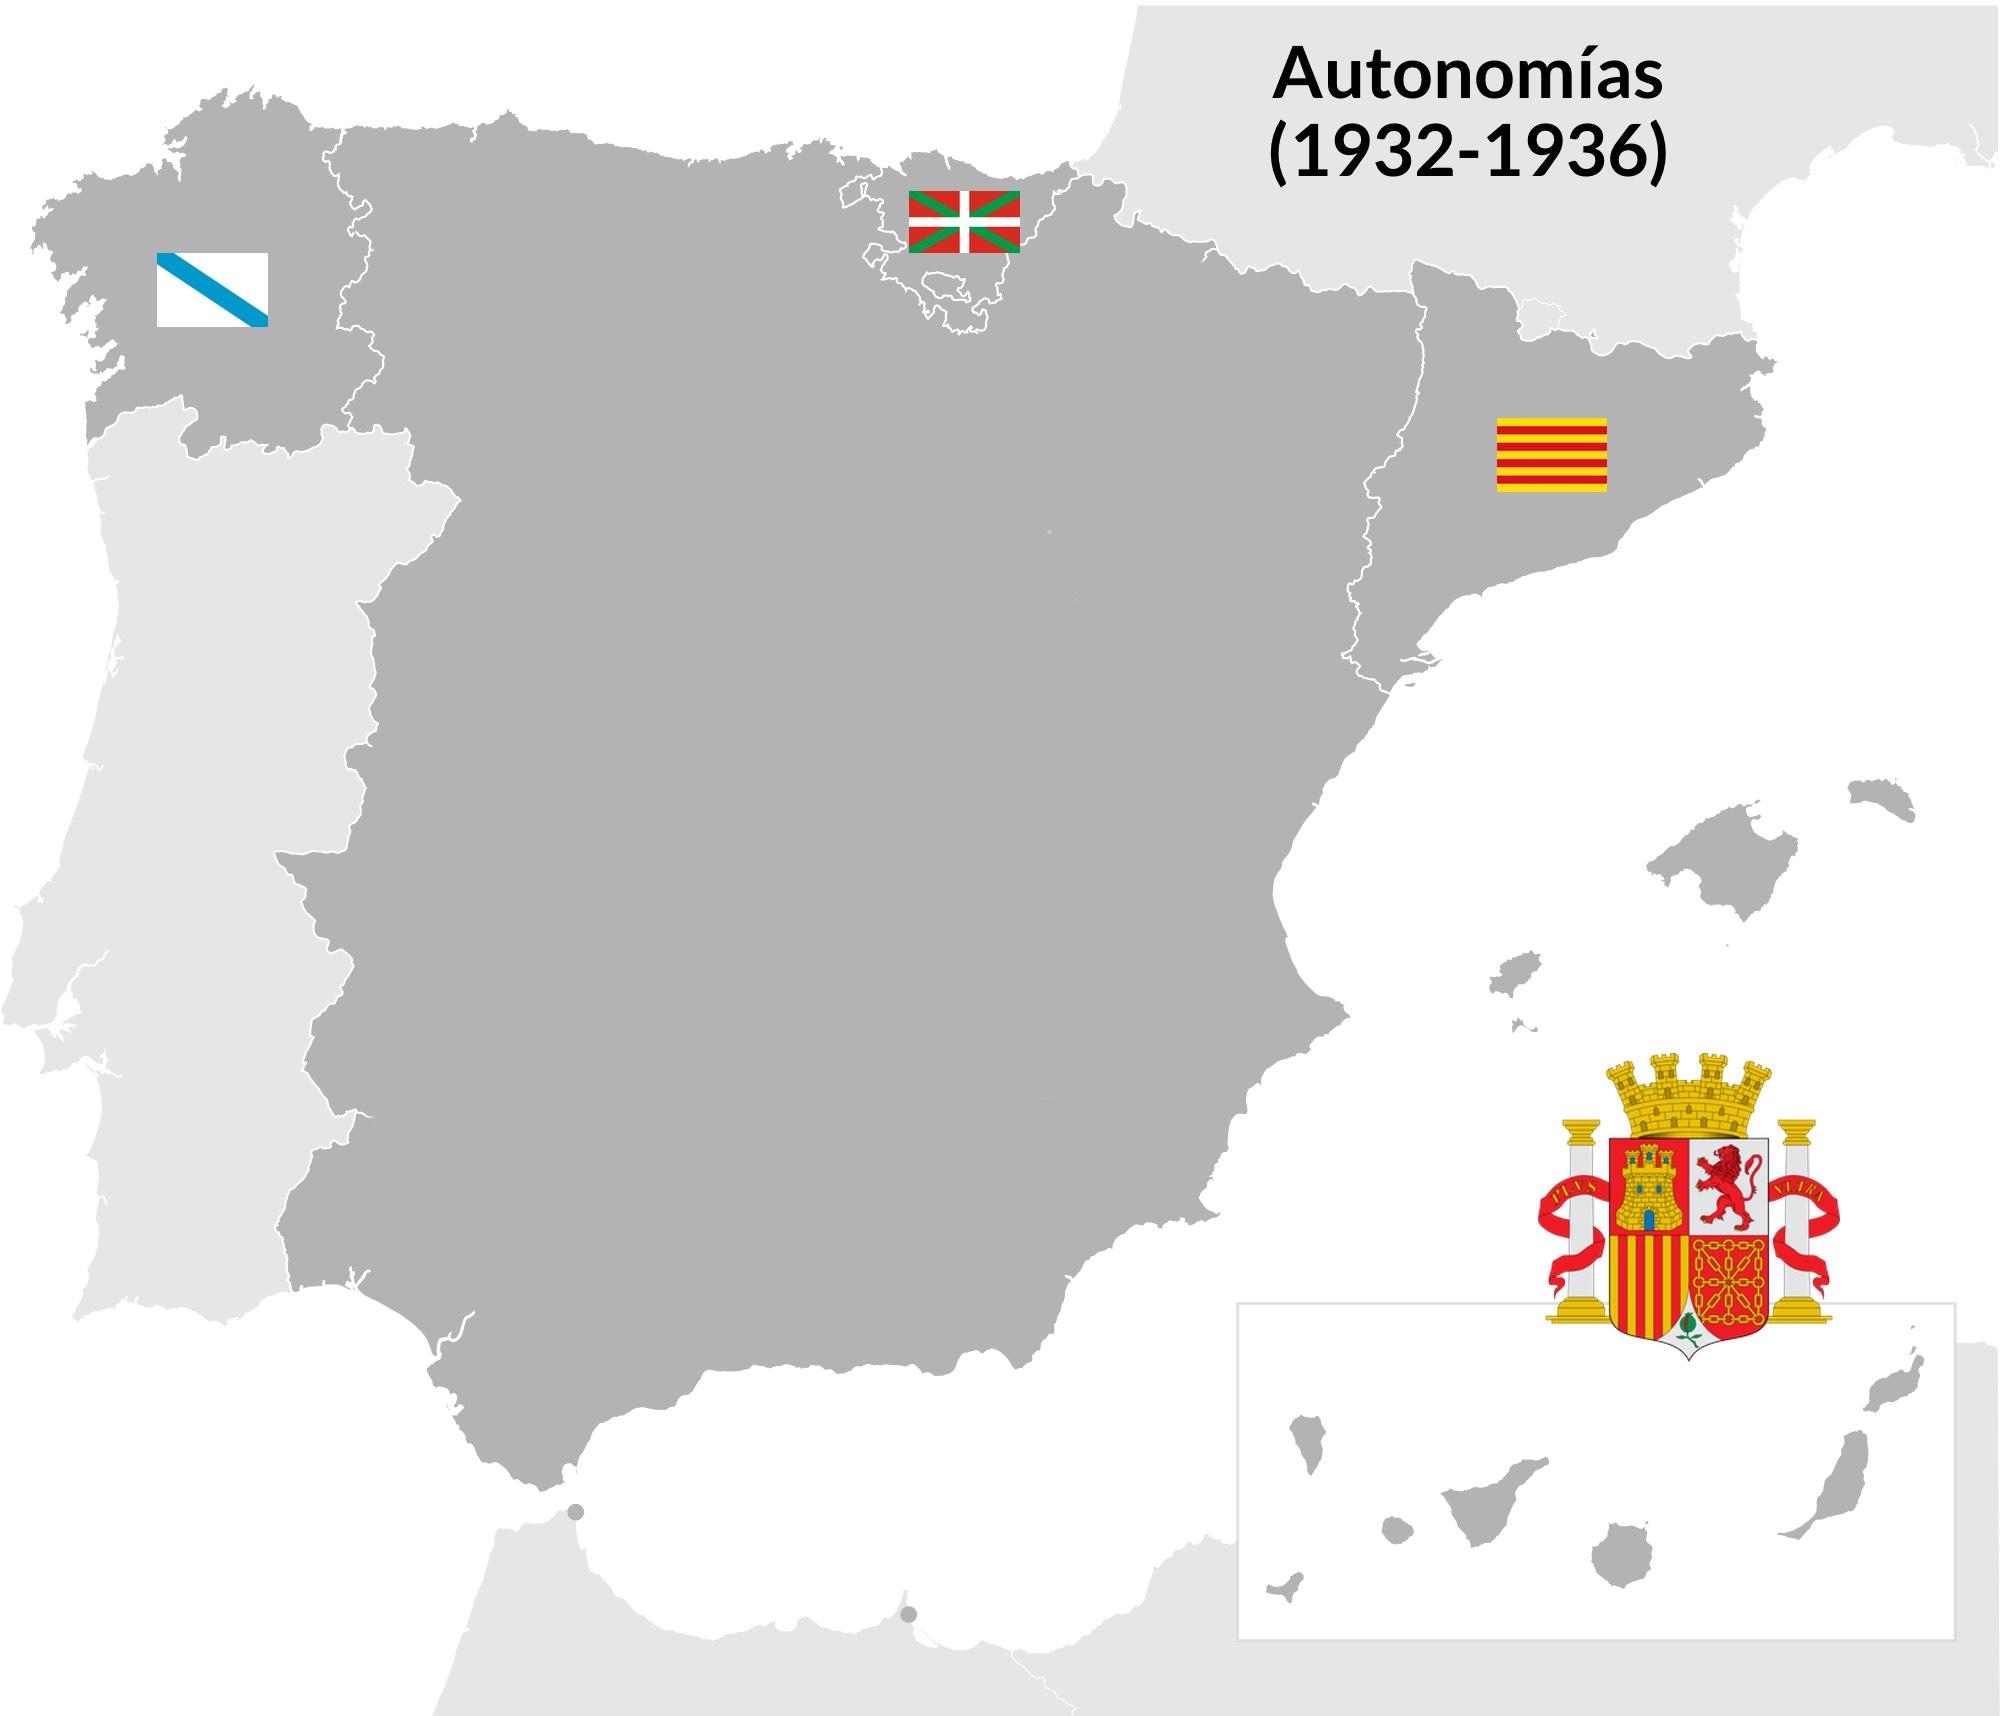 6-Autonomias-Republica